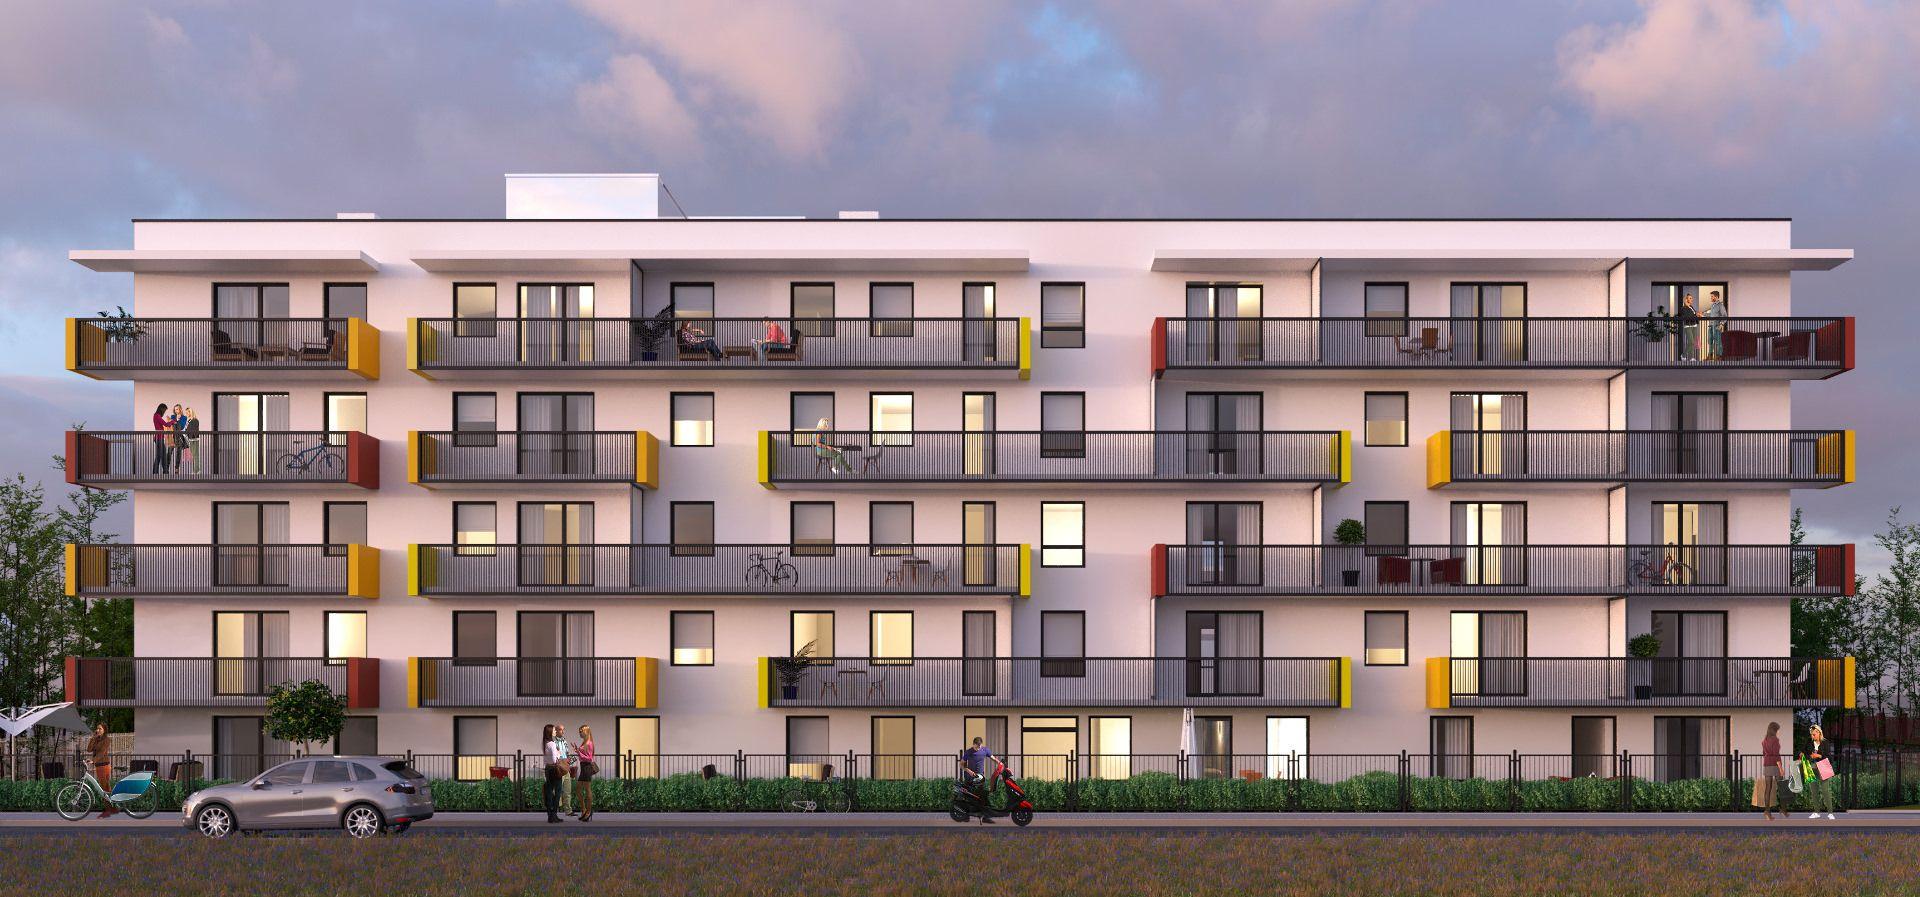 Warszawa: Fleminga Residence – Tryboń PPI stawia na Białołęce budynek mieszkalny z fotowoltaiką na dachu